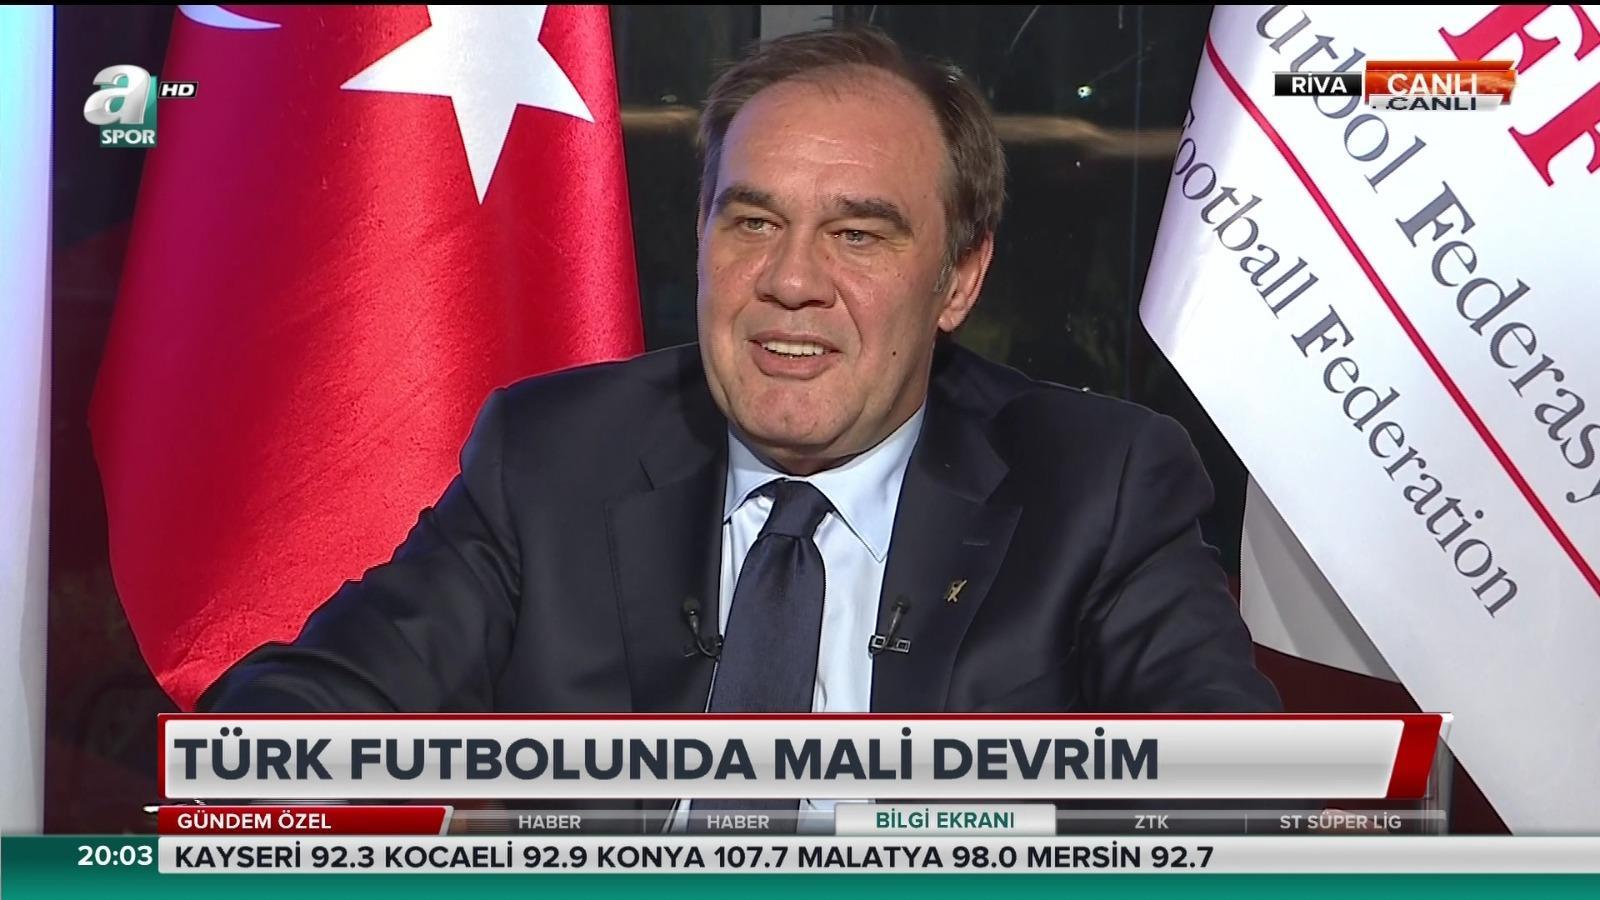 Futbol kulüplerinin borçları silinecek mi? Canlı yayında açıkladılar